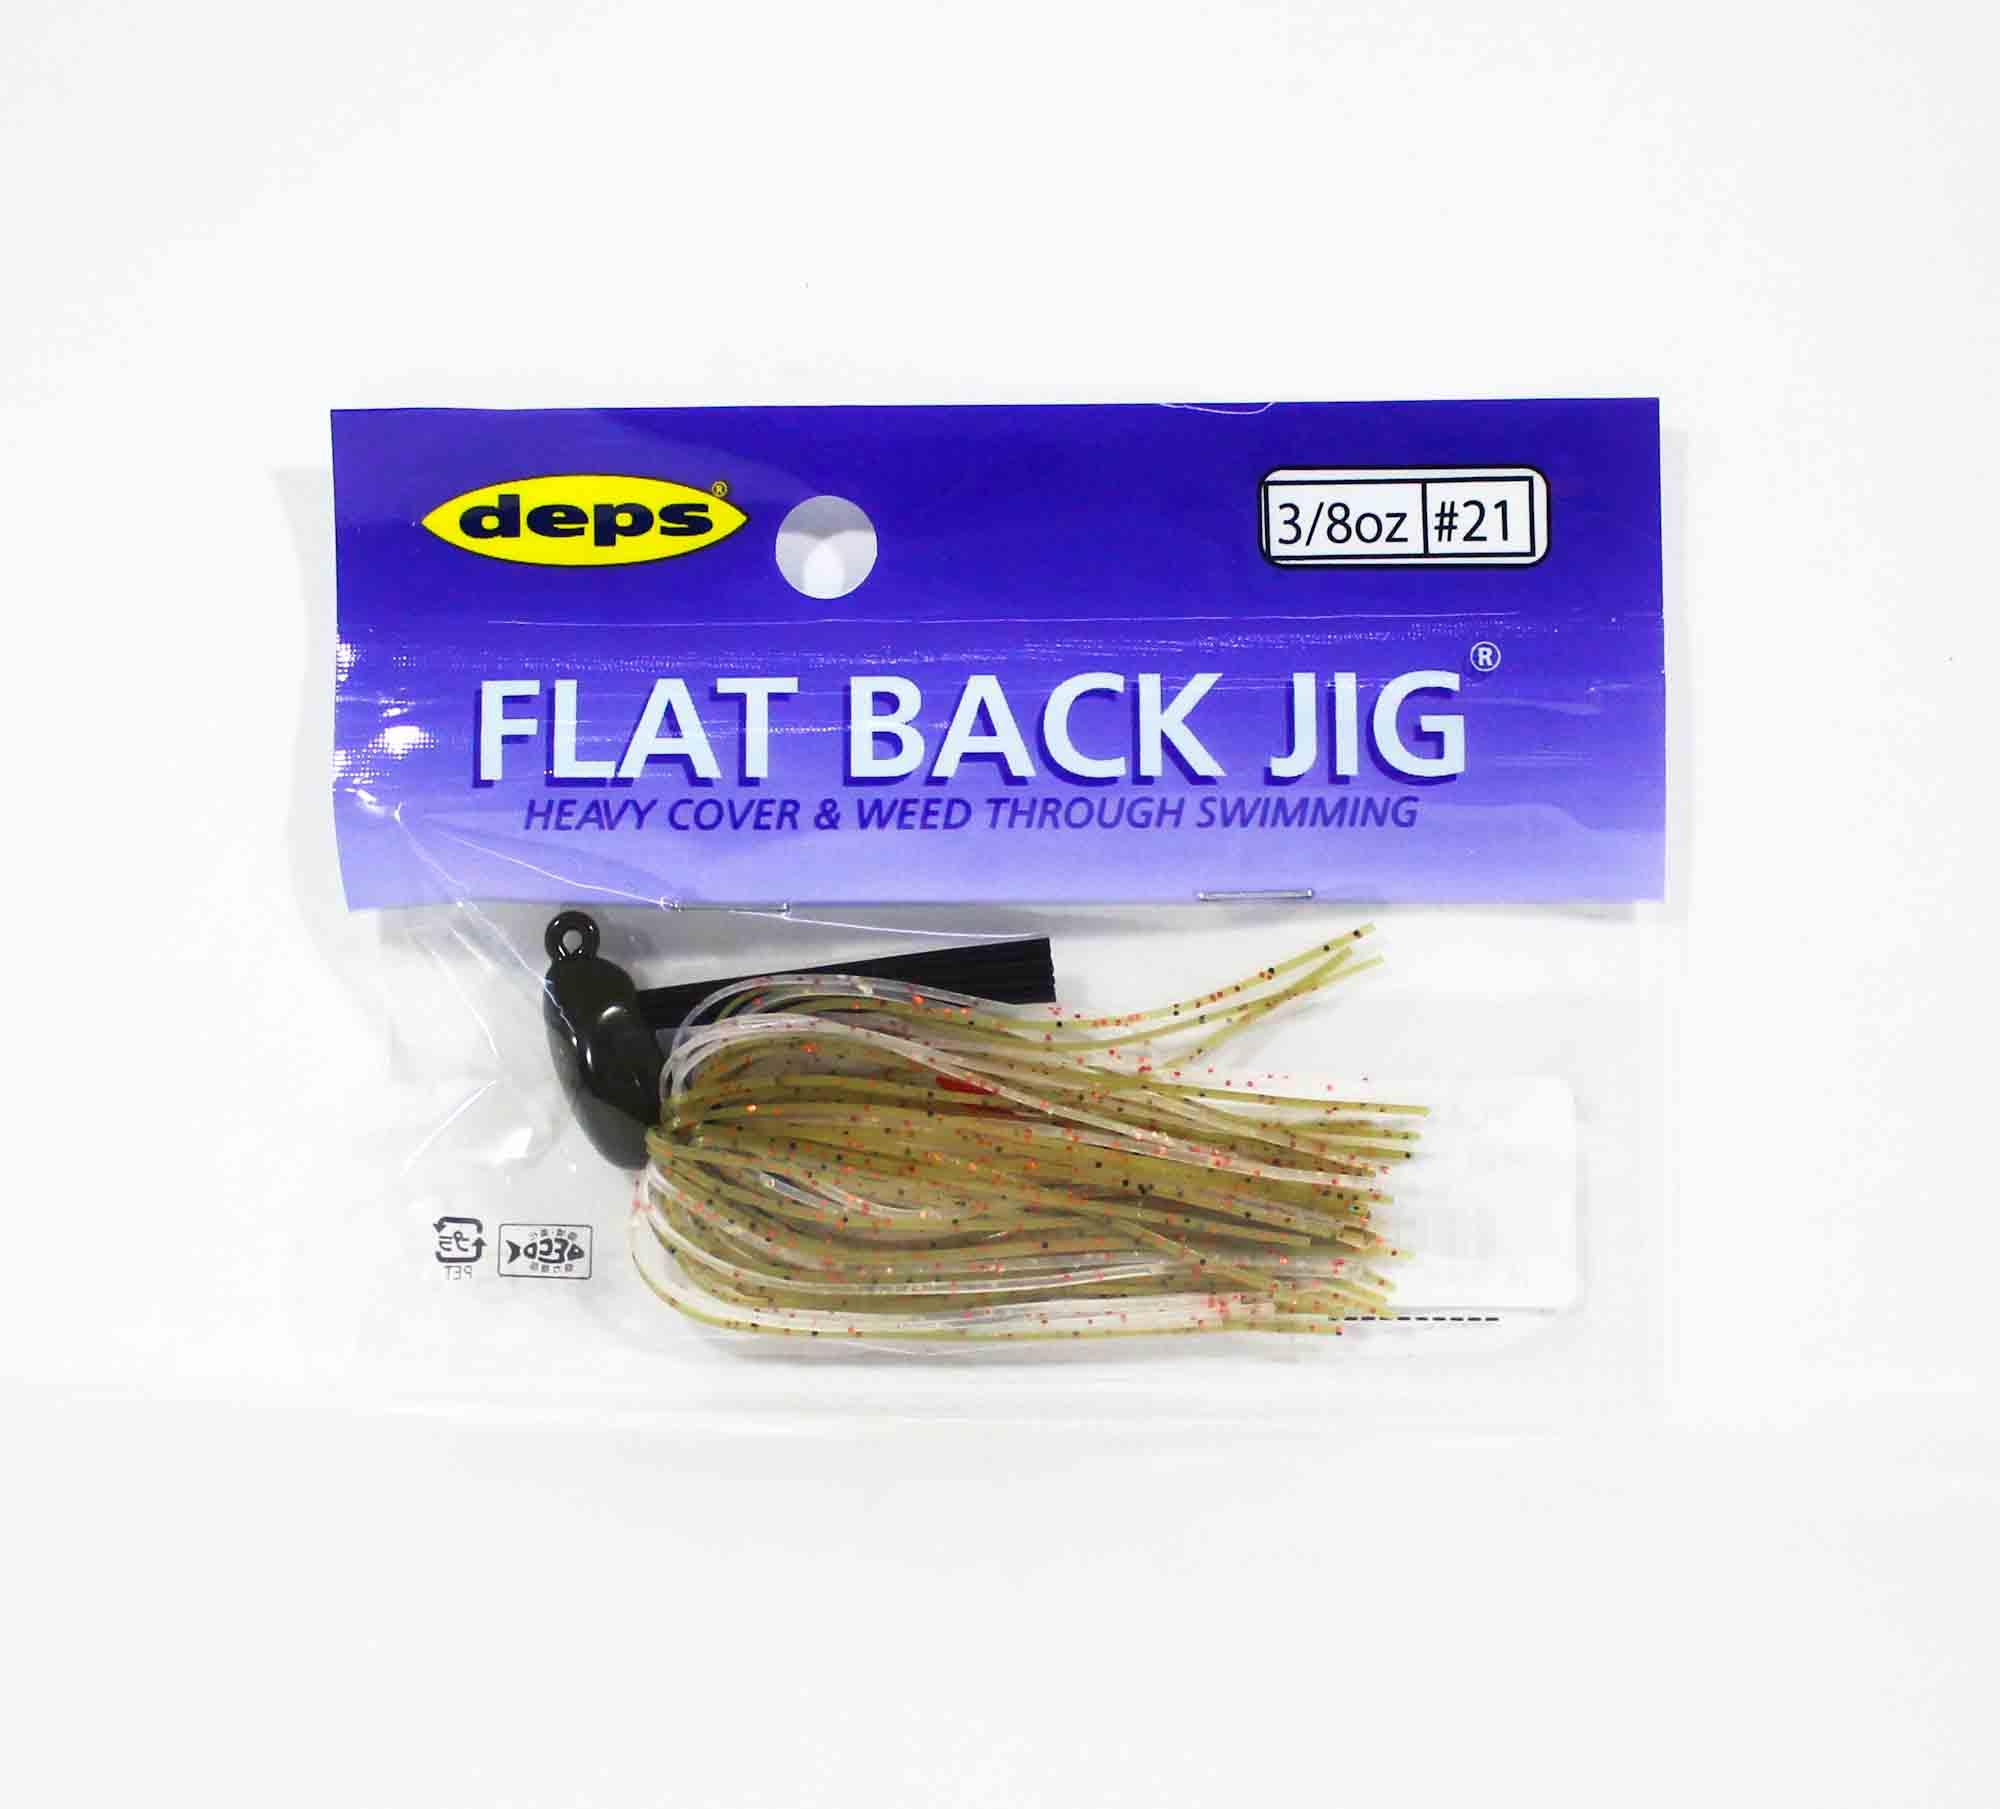 Deps Flat Back Jig Rubber 3/8 oz 21 (0217)